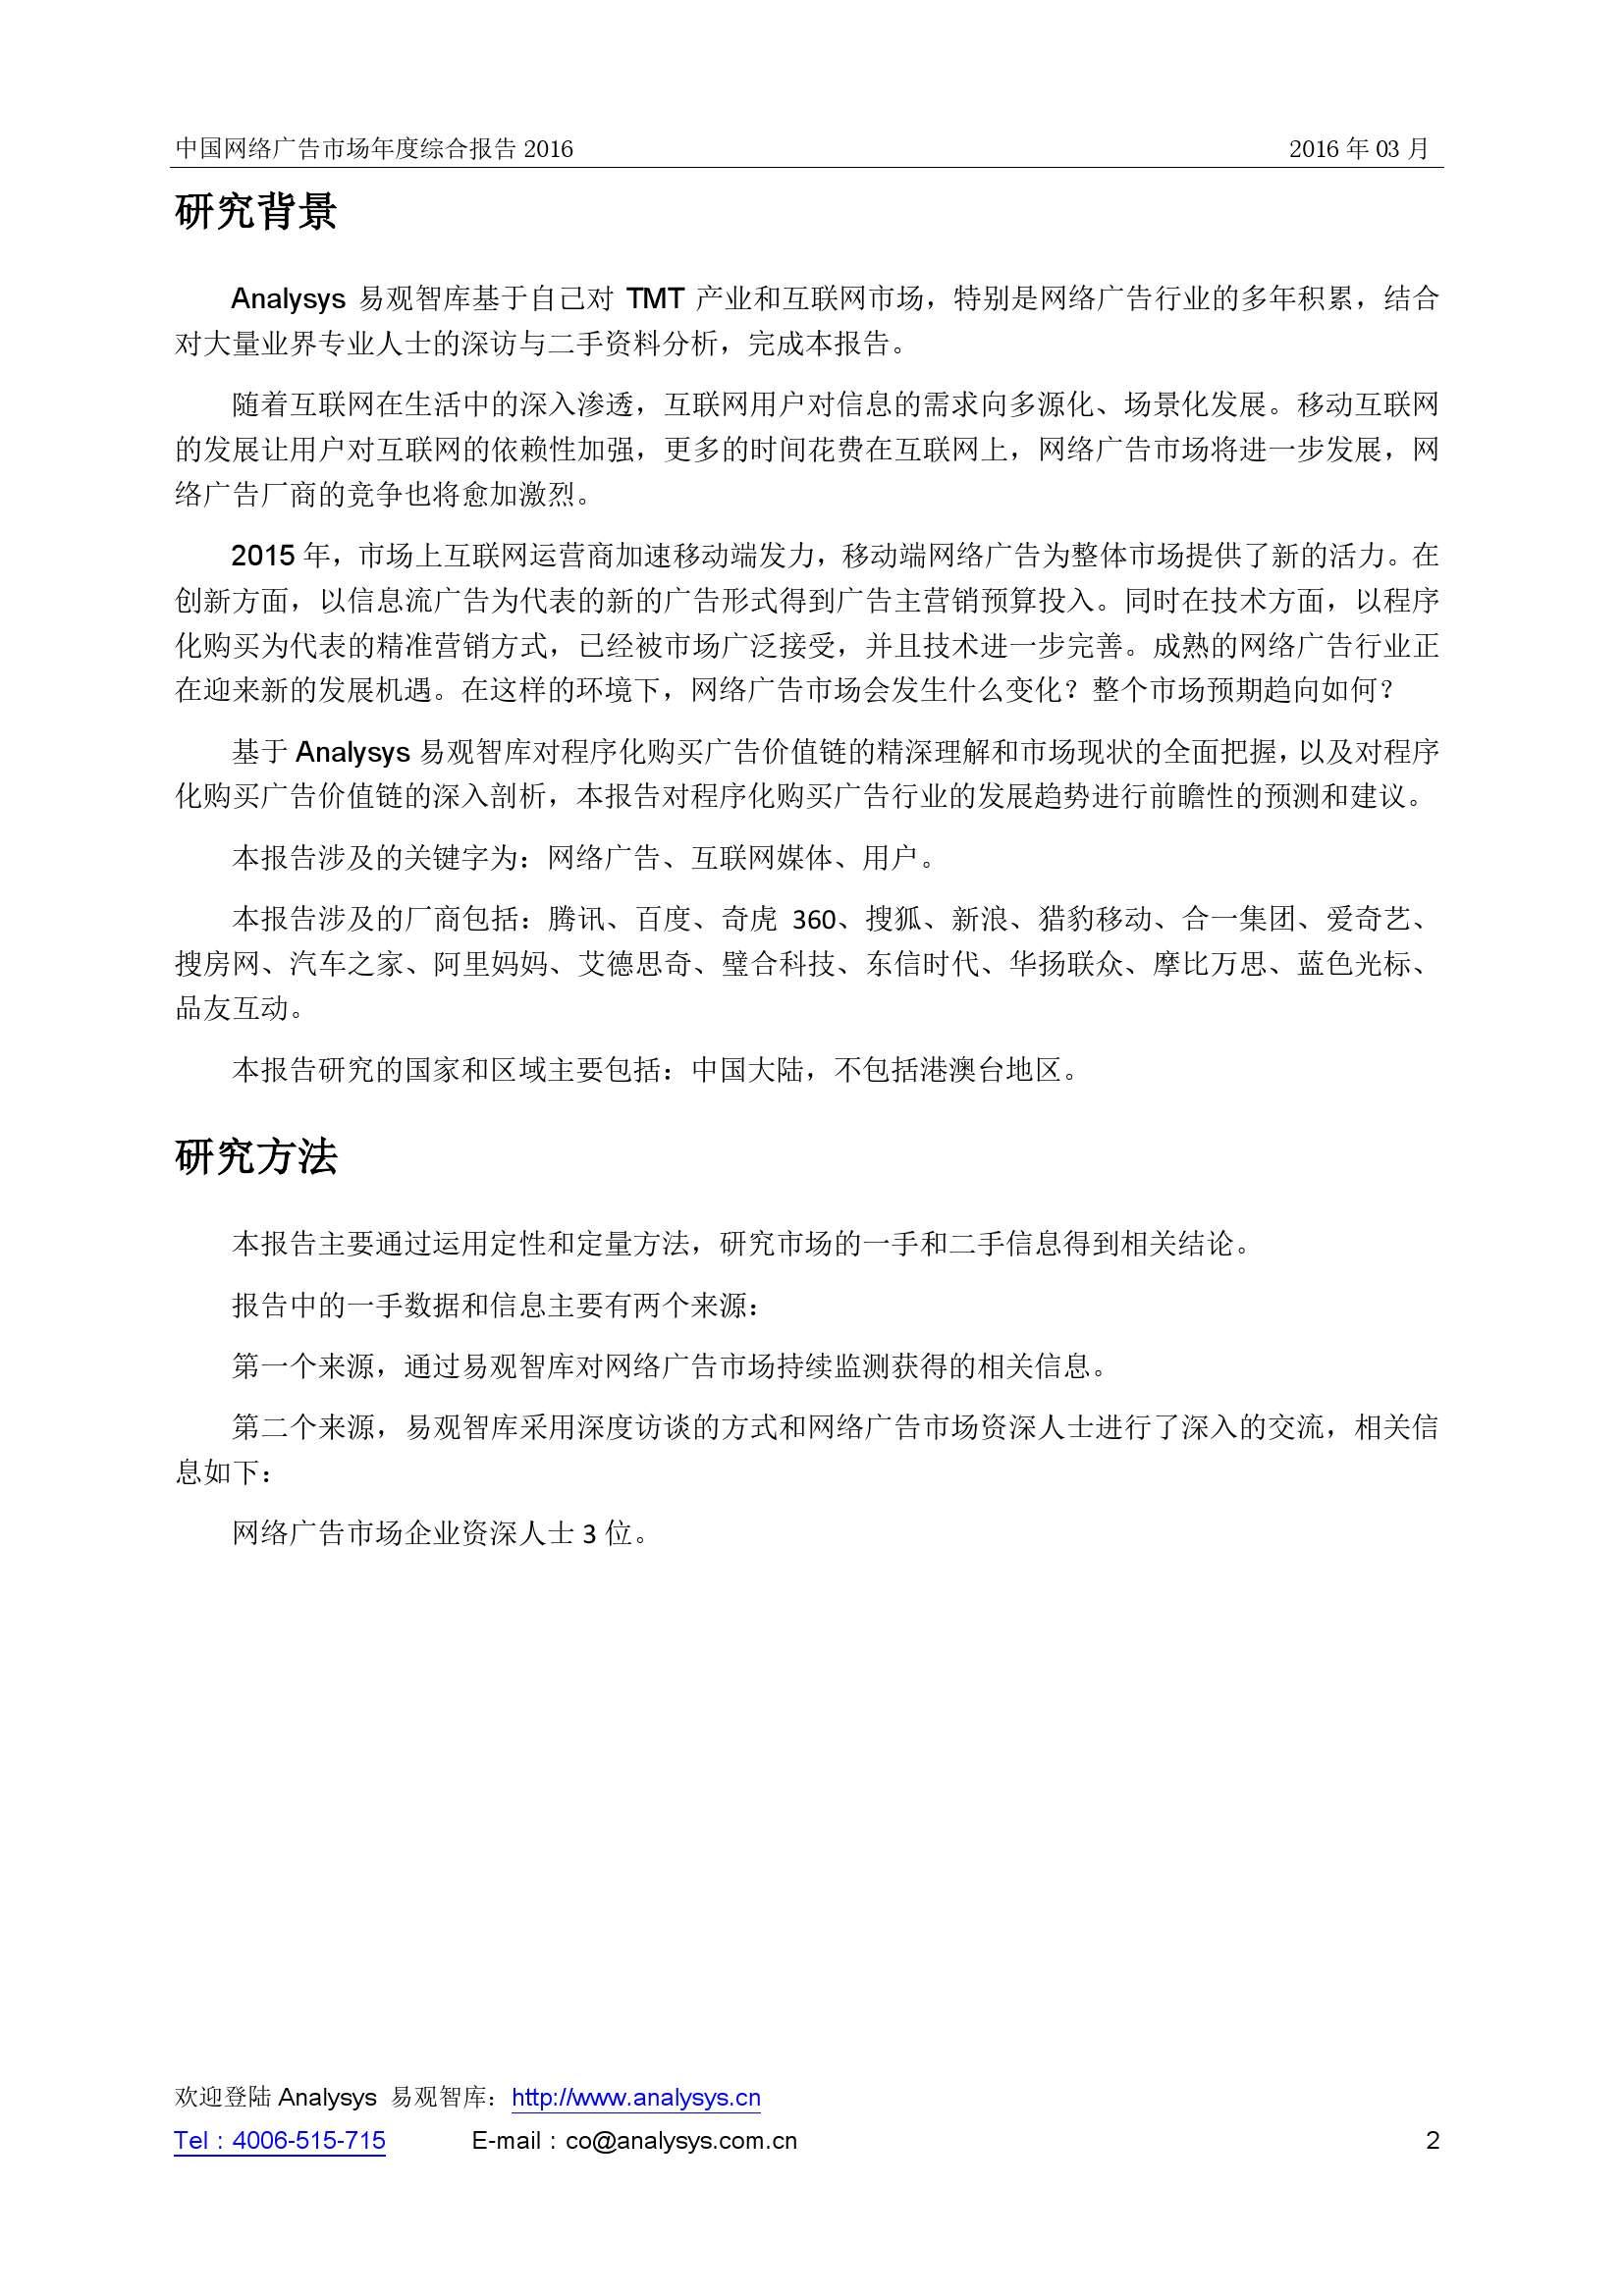 中国网络广告市场年度综合报告2016_000002